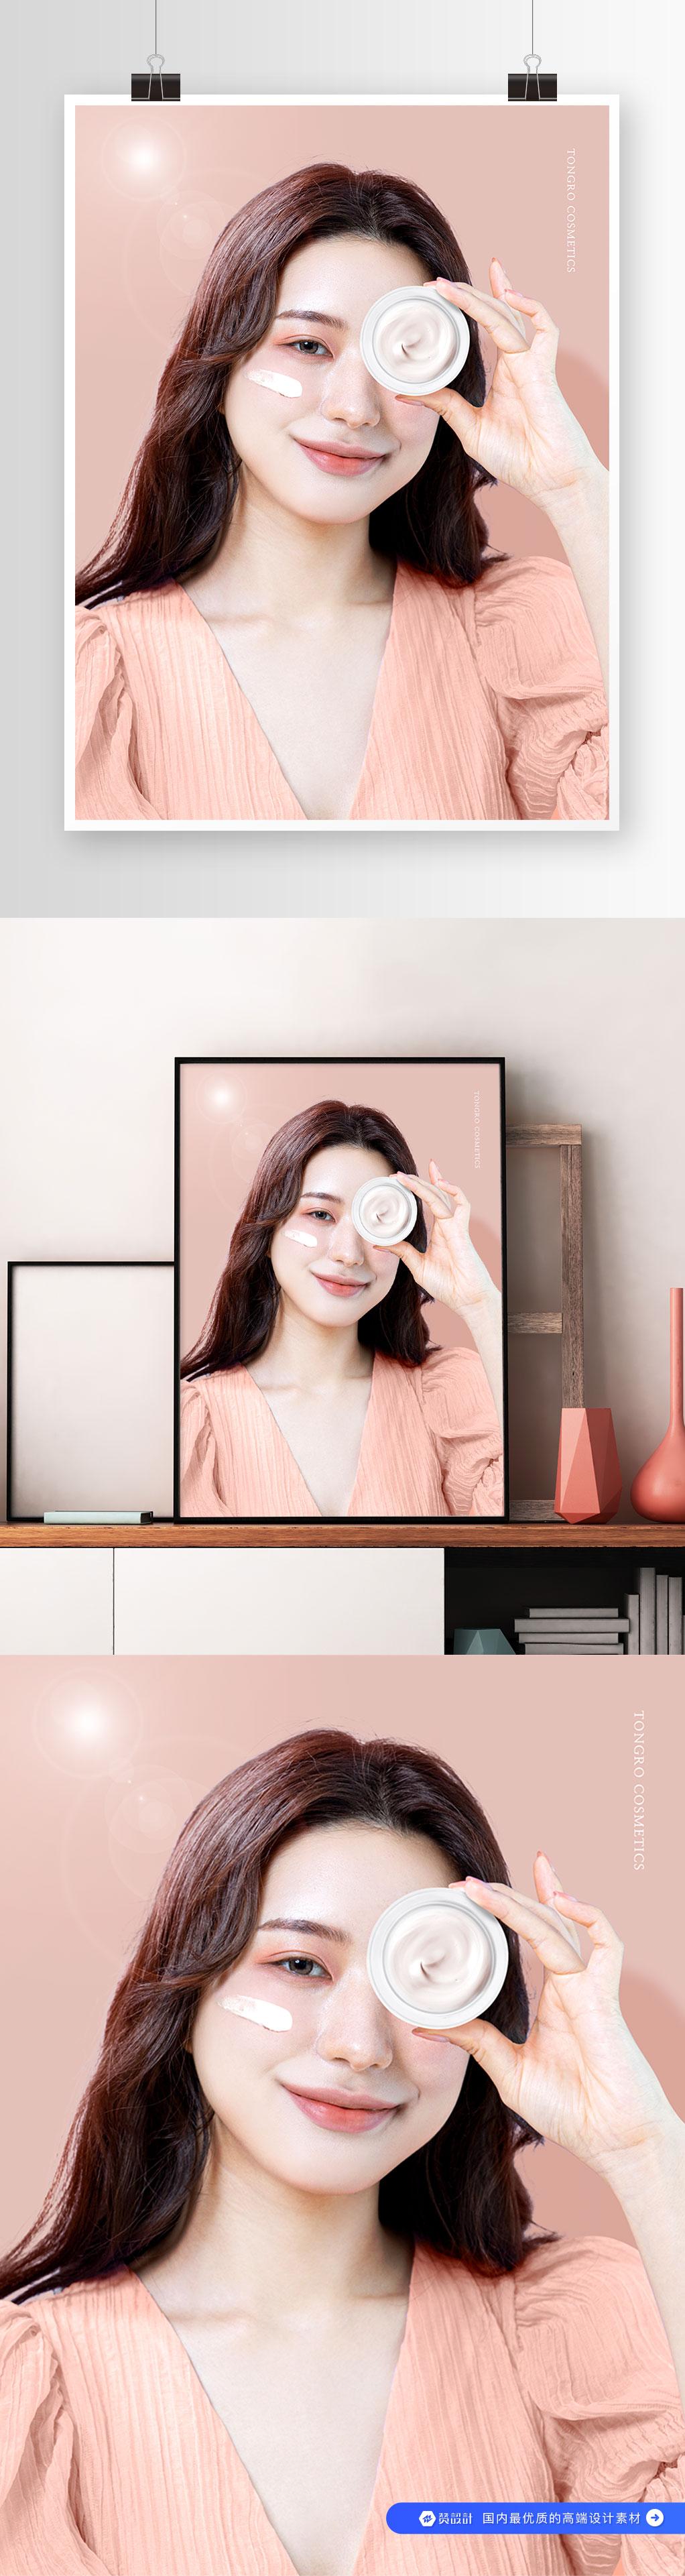 粉红系美女化妆品广告 简约面霜促销海报